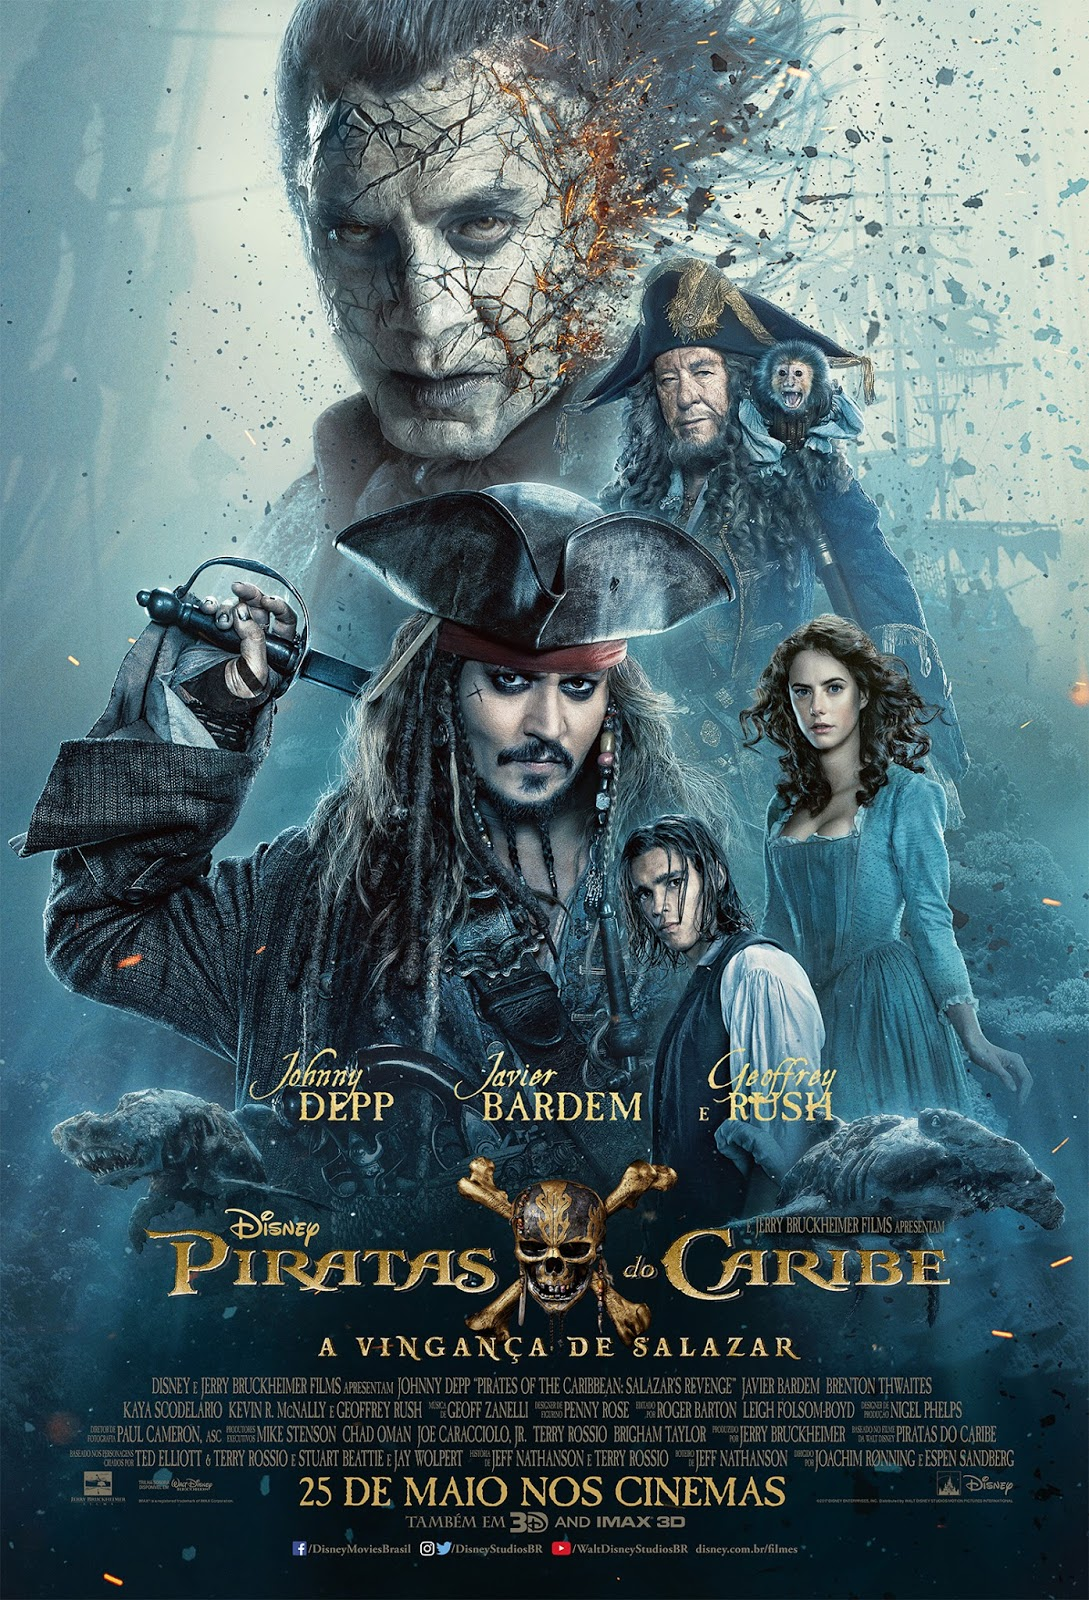 Piratas do Caribe 6 | Karen Gillan pode ser protagonista do novo filme